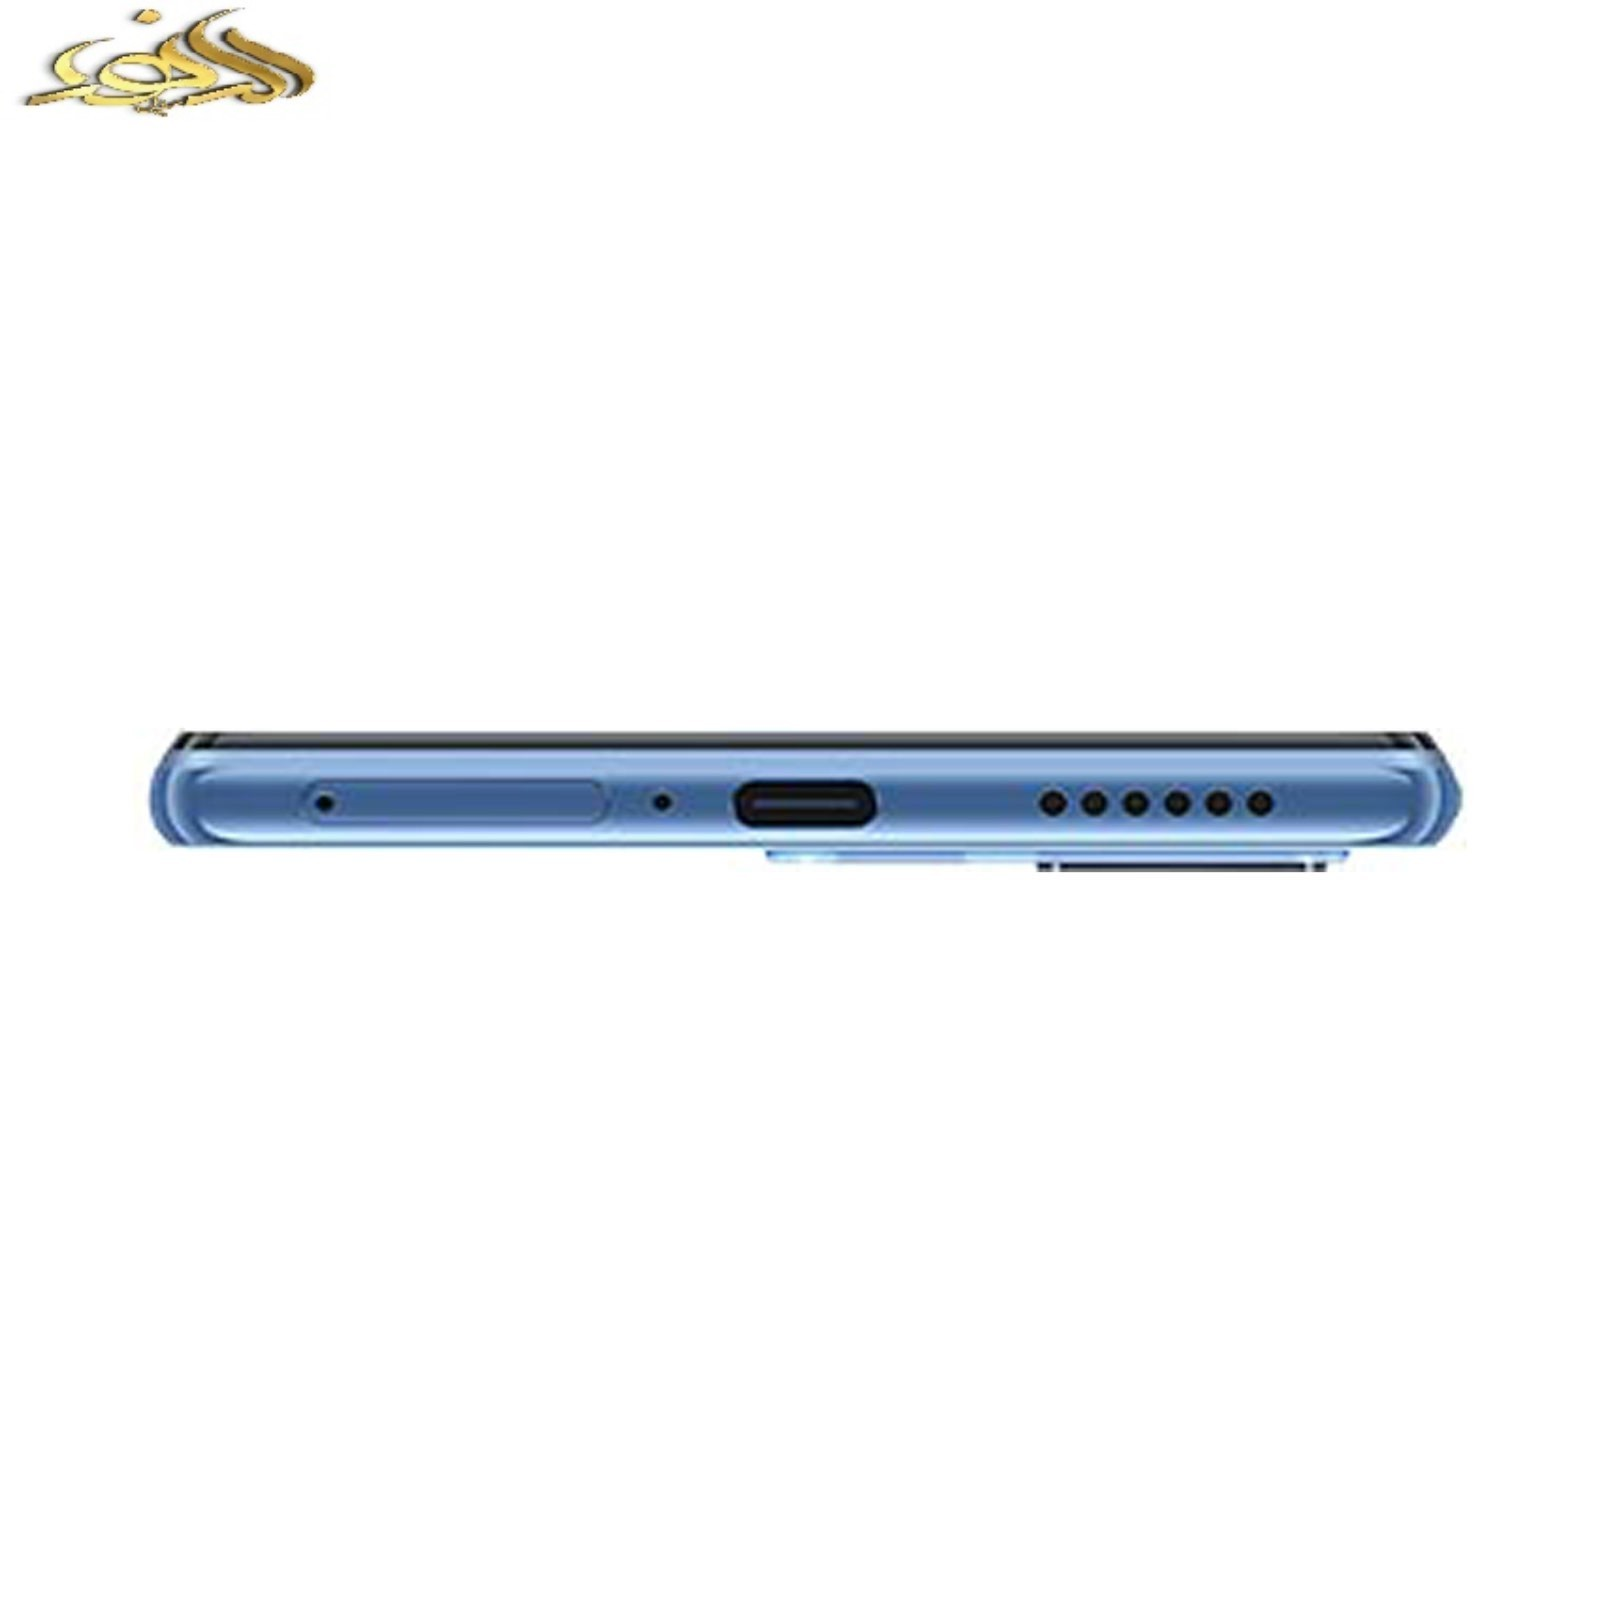 گوشی موبایل شیائومی مدل Mi 11 Lite M2101K9AG دو سیم کارت ظرفیت 128 گیگابایت و 8 گیگابایت رم